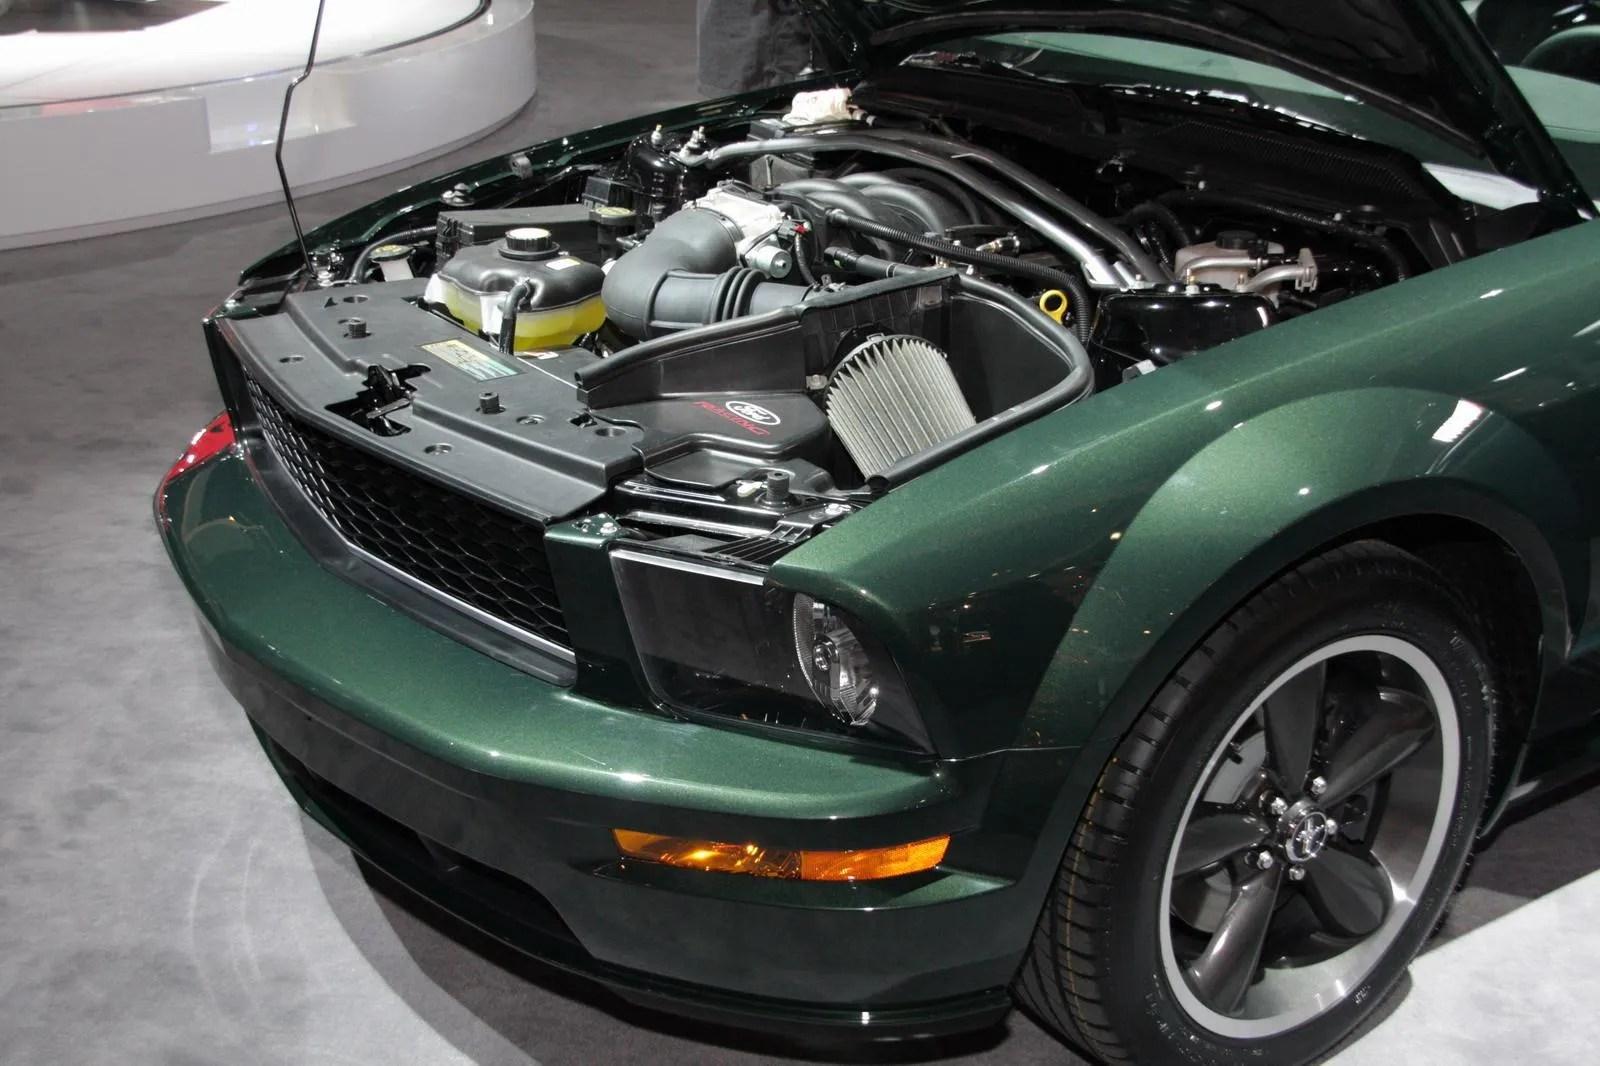 hight resolution of 2008 mustang fuel filter